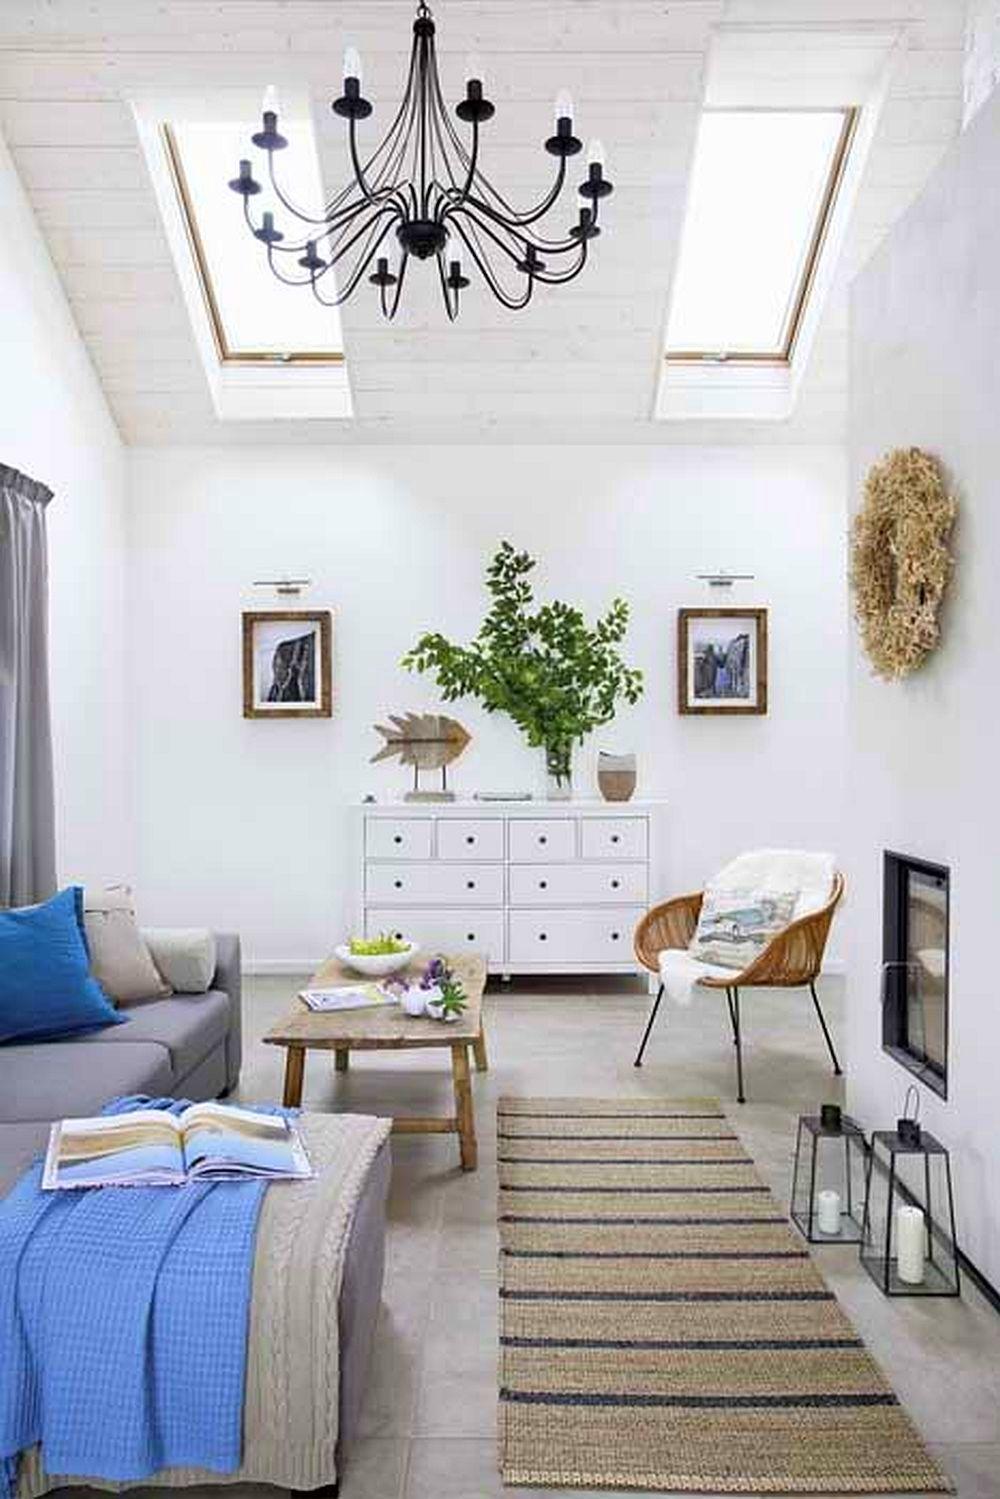 adelaparvu.com despre casa cu exterior rustic, interior modern, amenajare scandinava, casa Polonia, Foto Aneta Tryczynska (12)